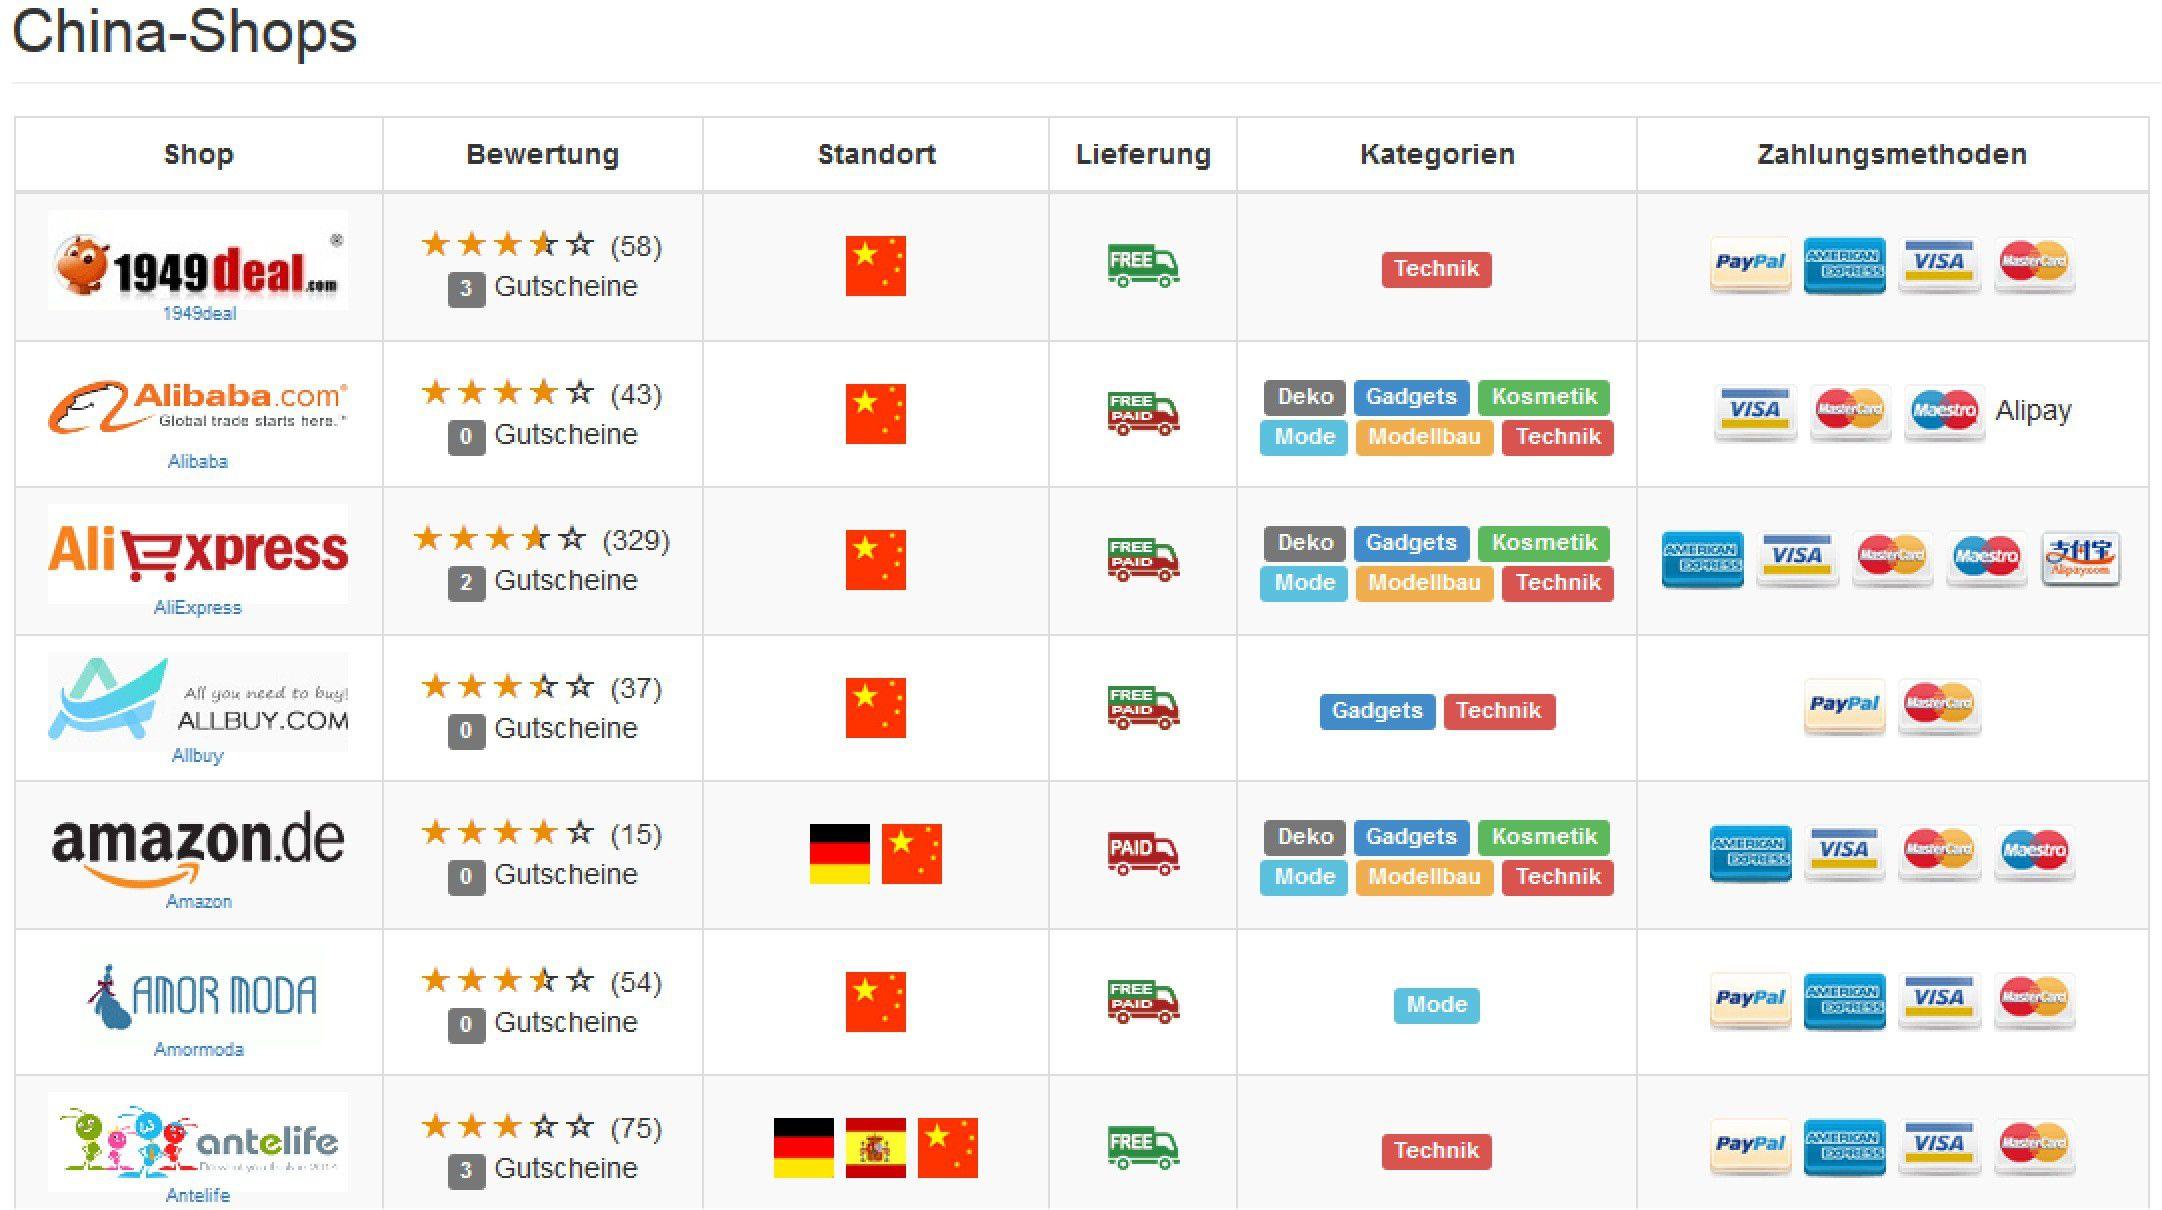 3ab5ea2cd5ae16 Vergrößern Die neue Preissuchmaschine Panda-Check bietet einen einfachen  Preisvergleich in mehr als 100 chinesischen Onlineshops